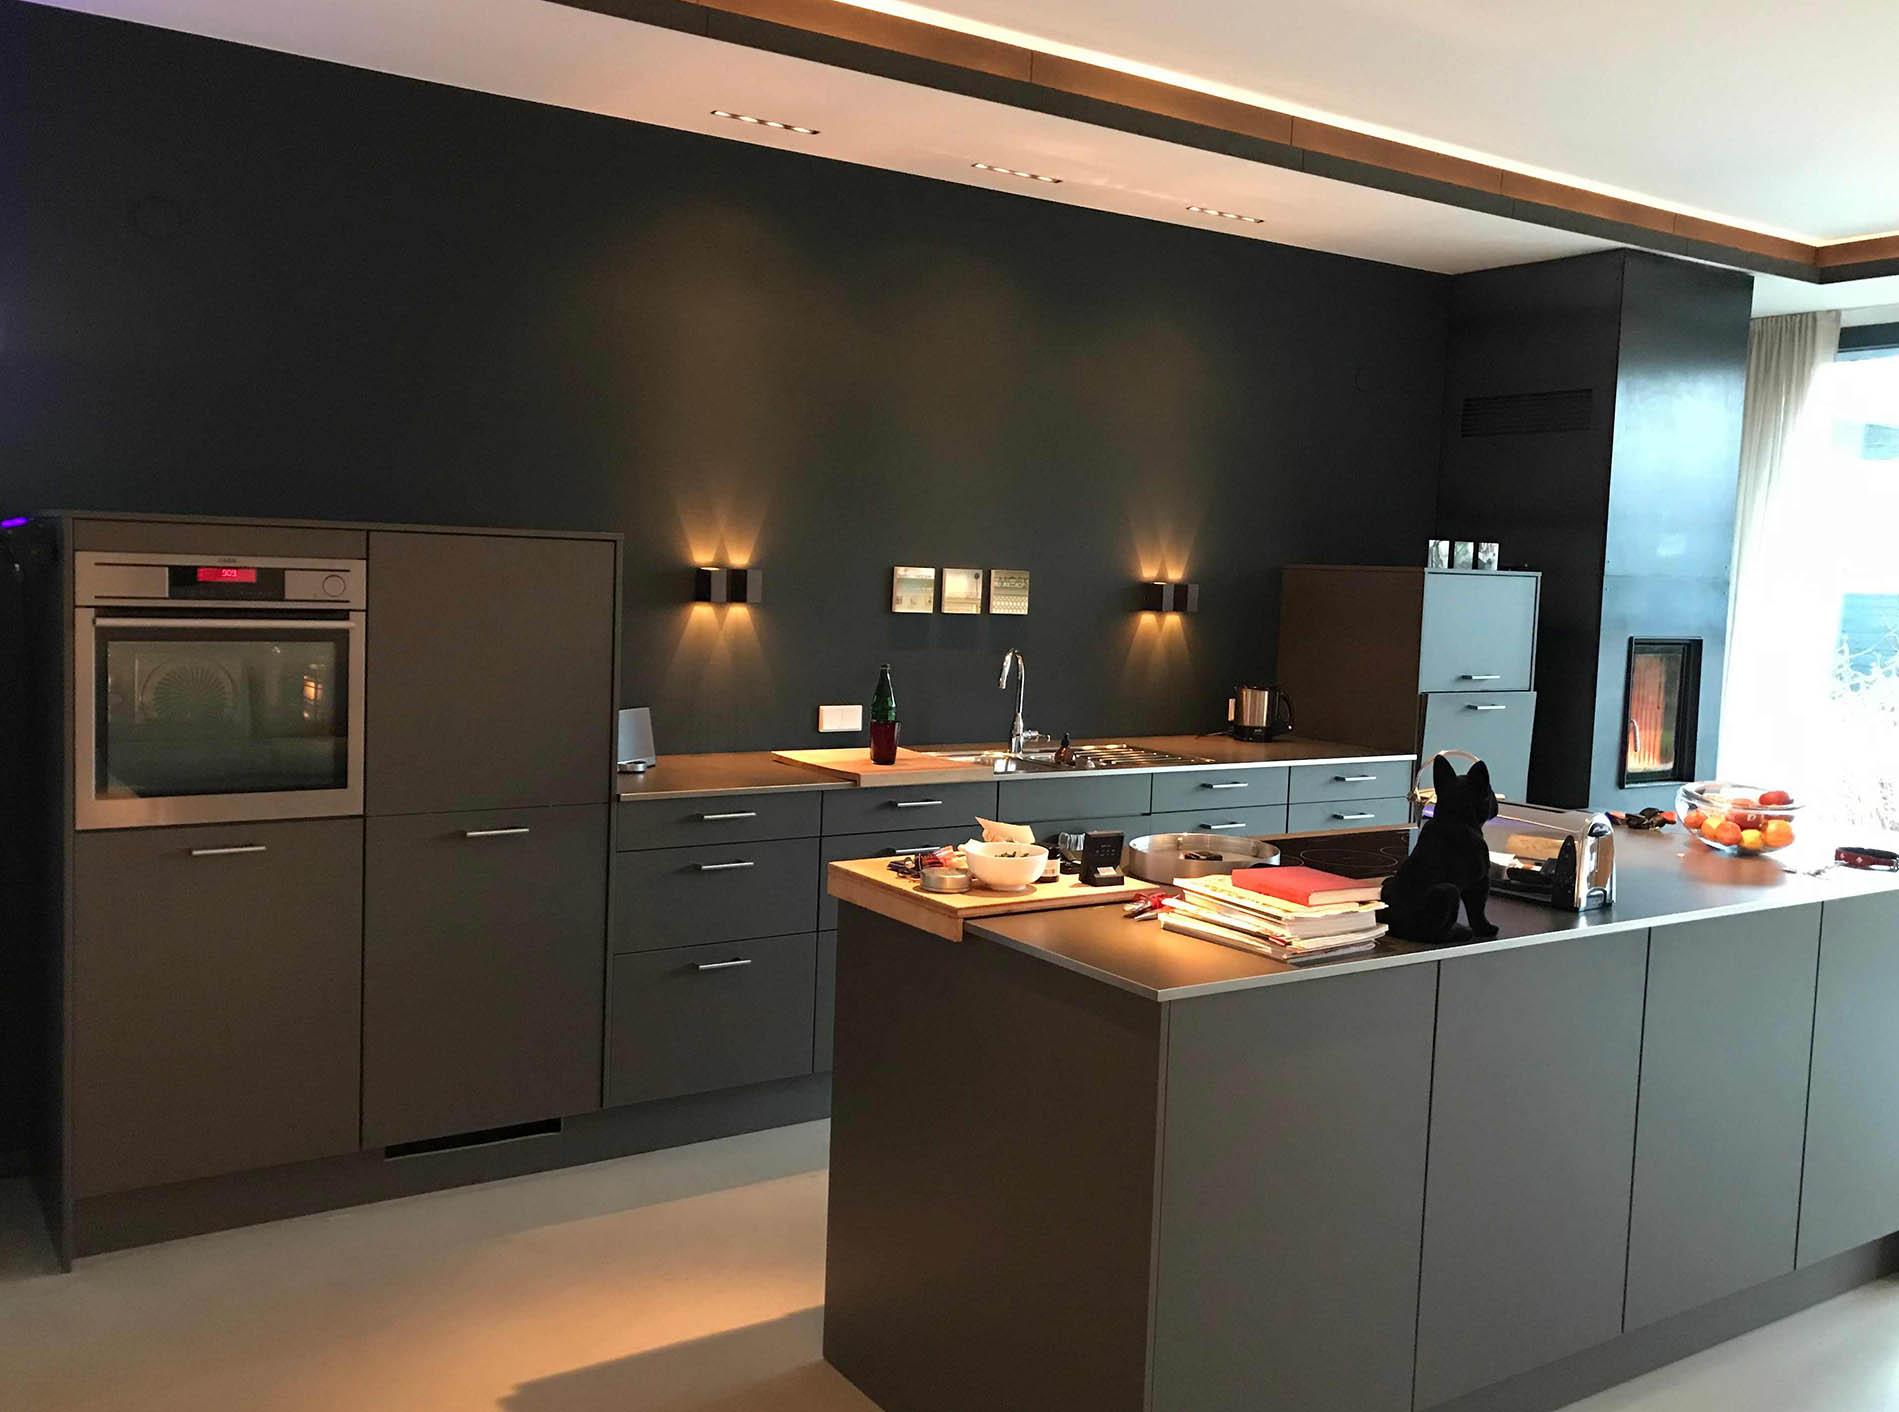 Küche, Stadthaus in Köln, F&B Studio Green No. 93